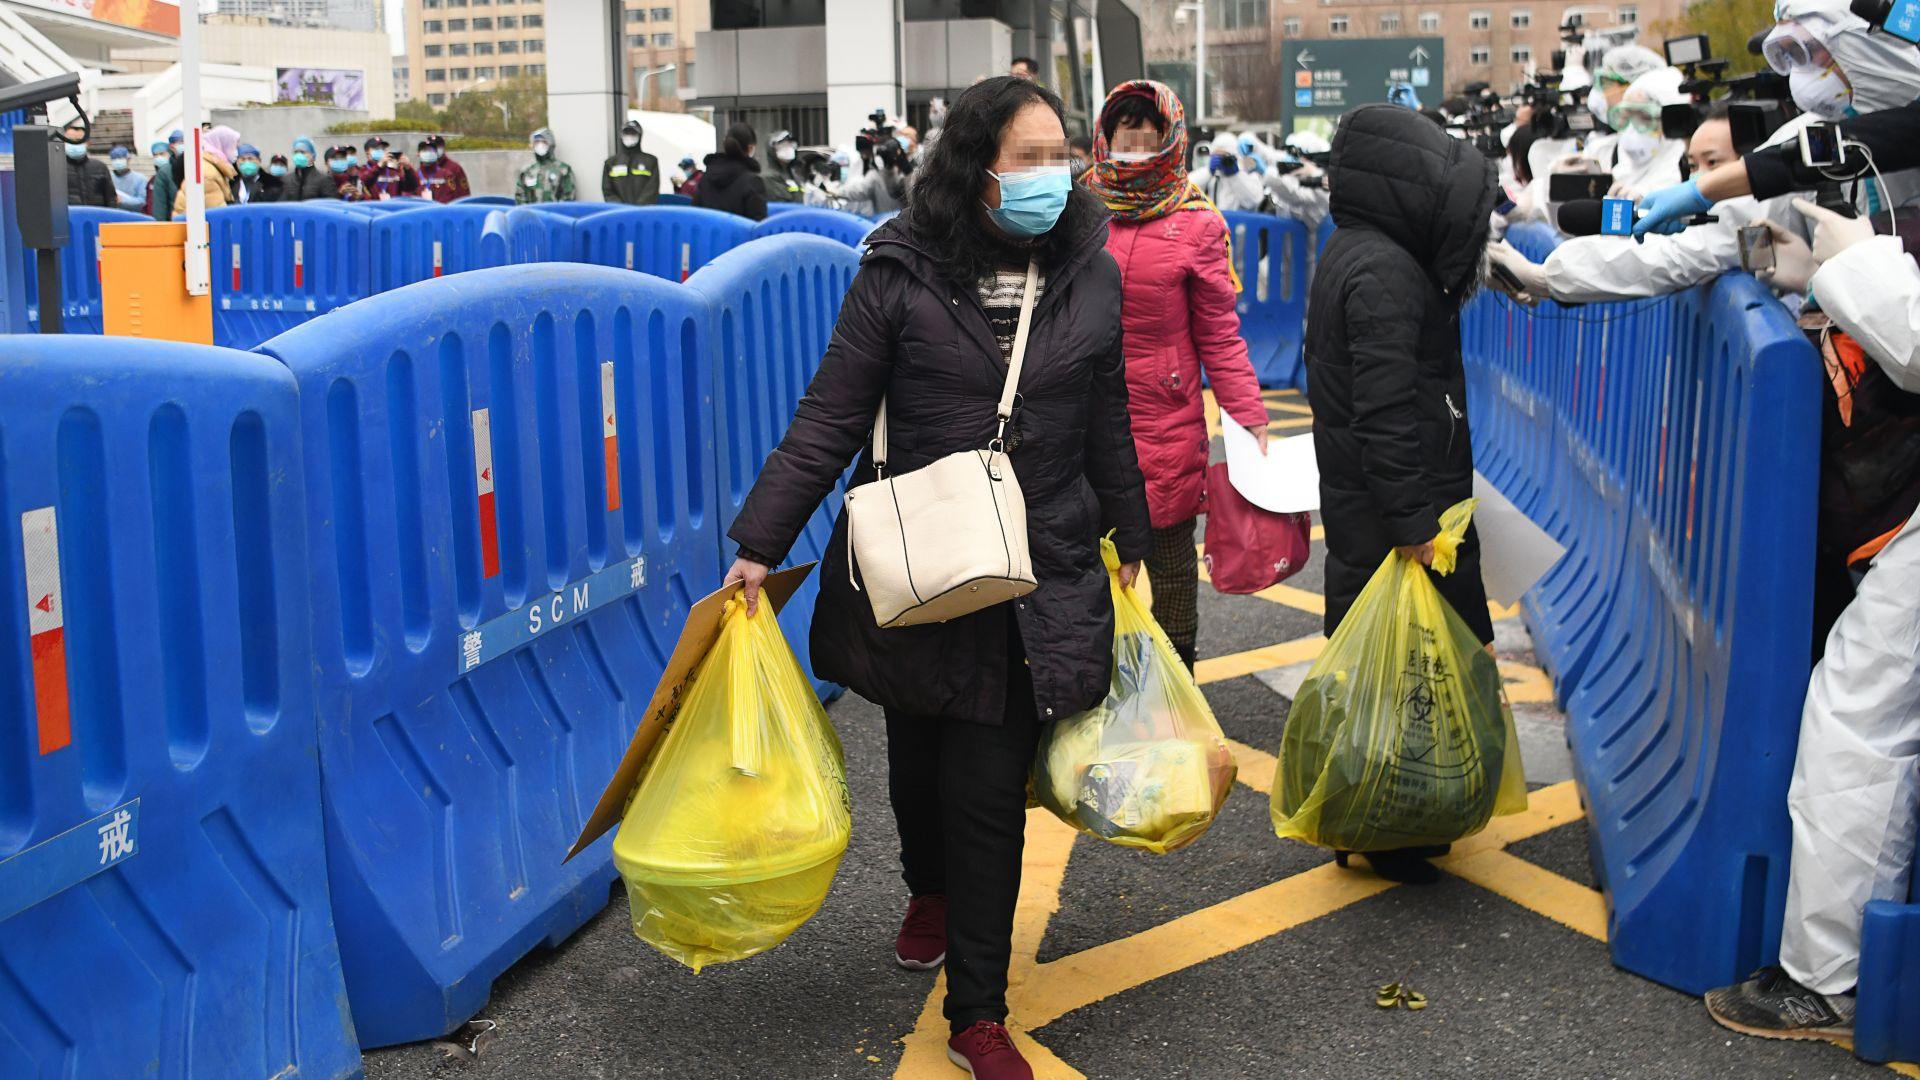 Пикът на епидемията от коронавирус в Китай се очаква в средата на февруари